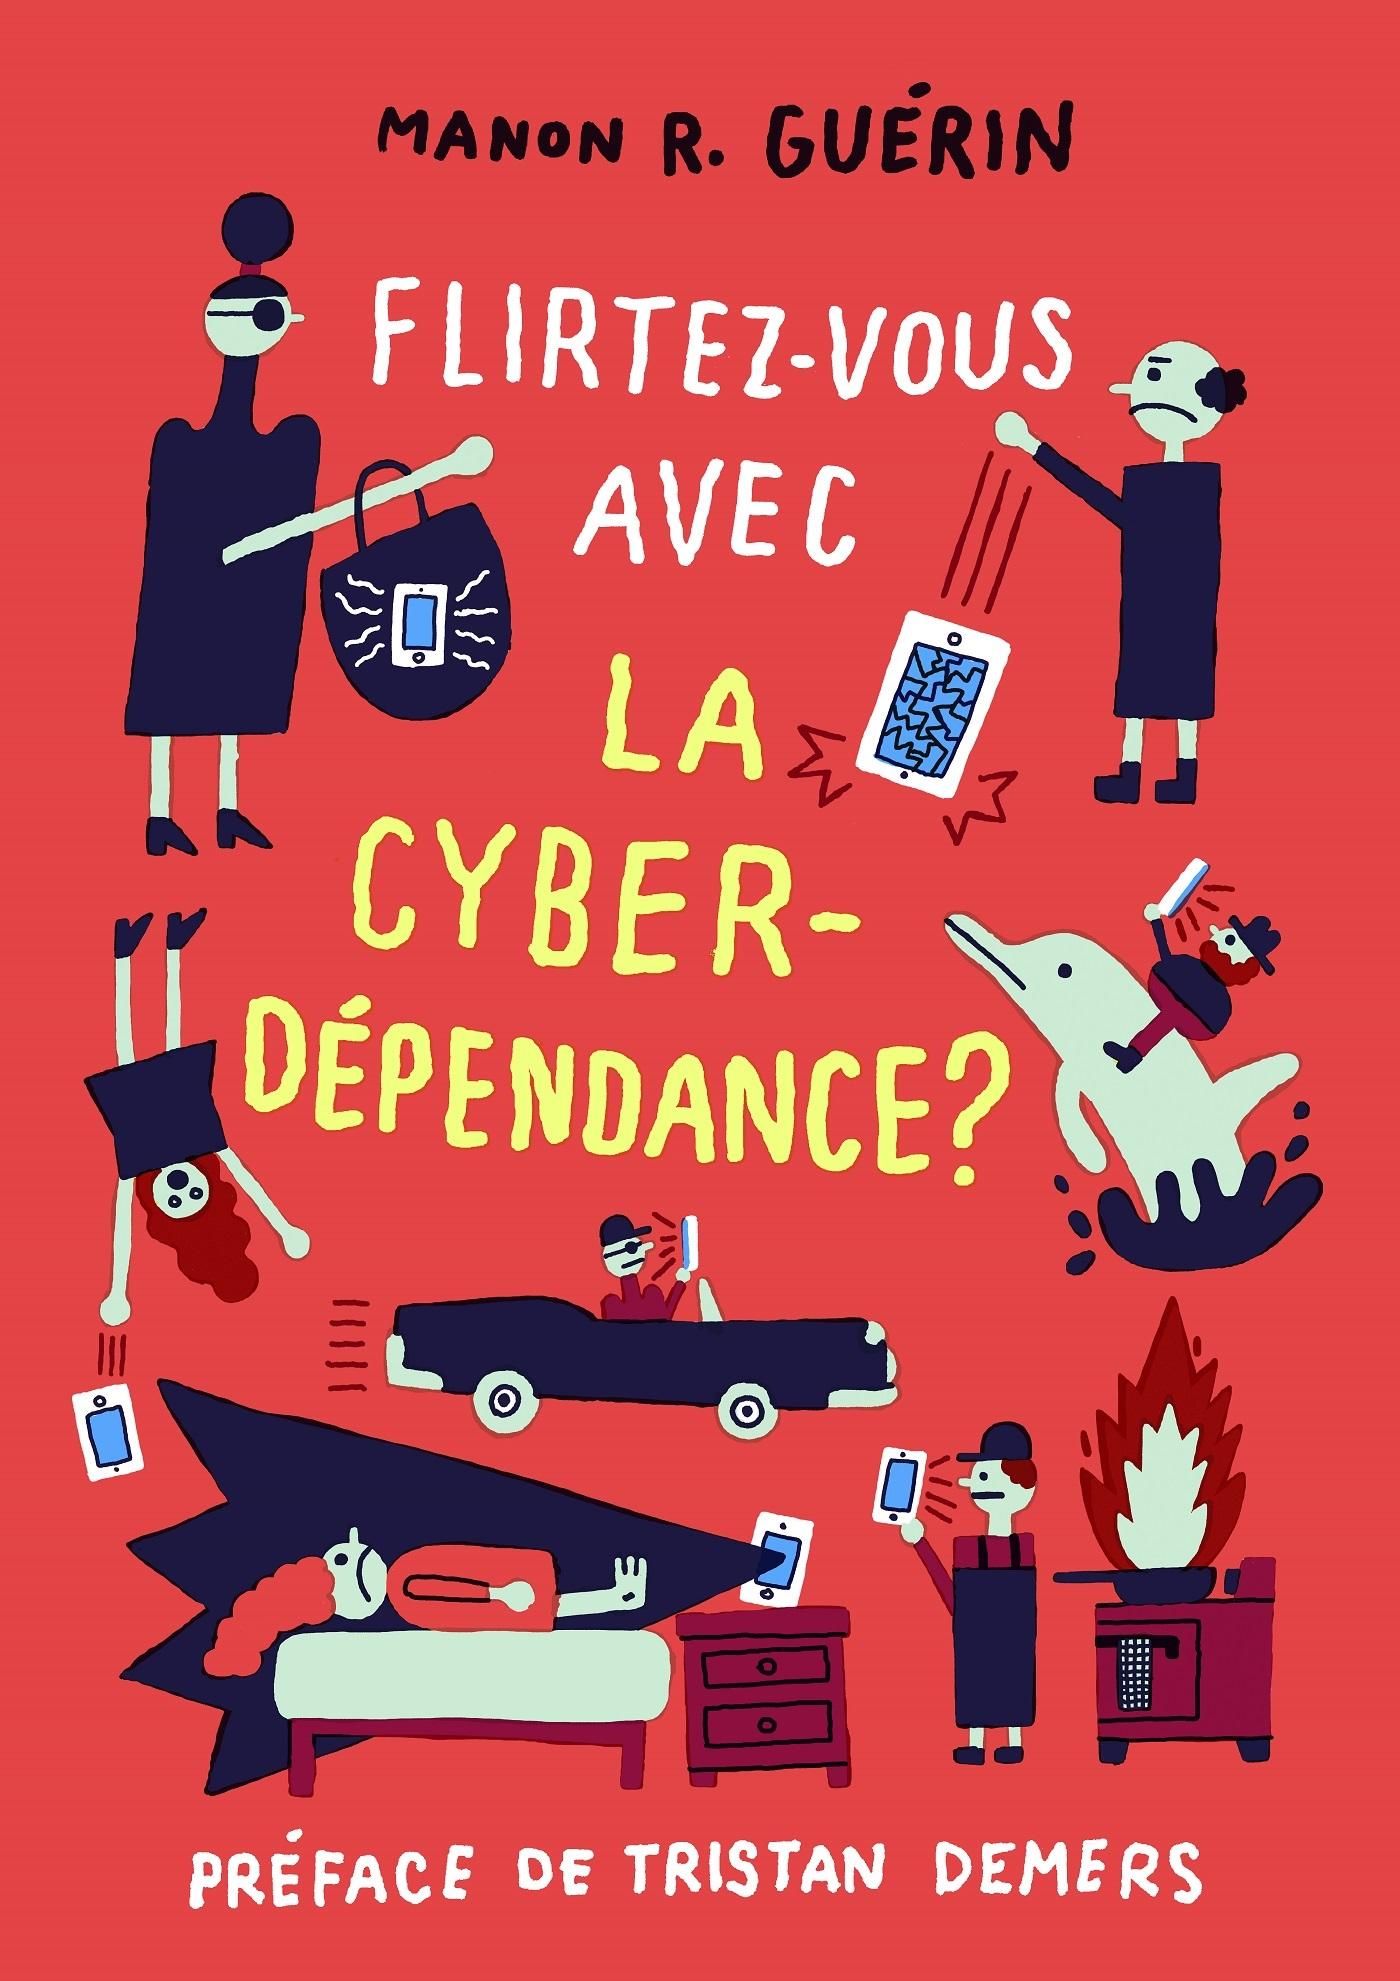 FLIRTEZ-VOUS AVEC LA CYBERDEPENDANCE